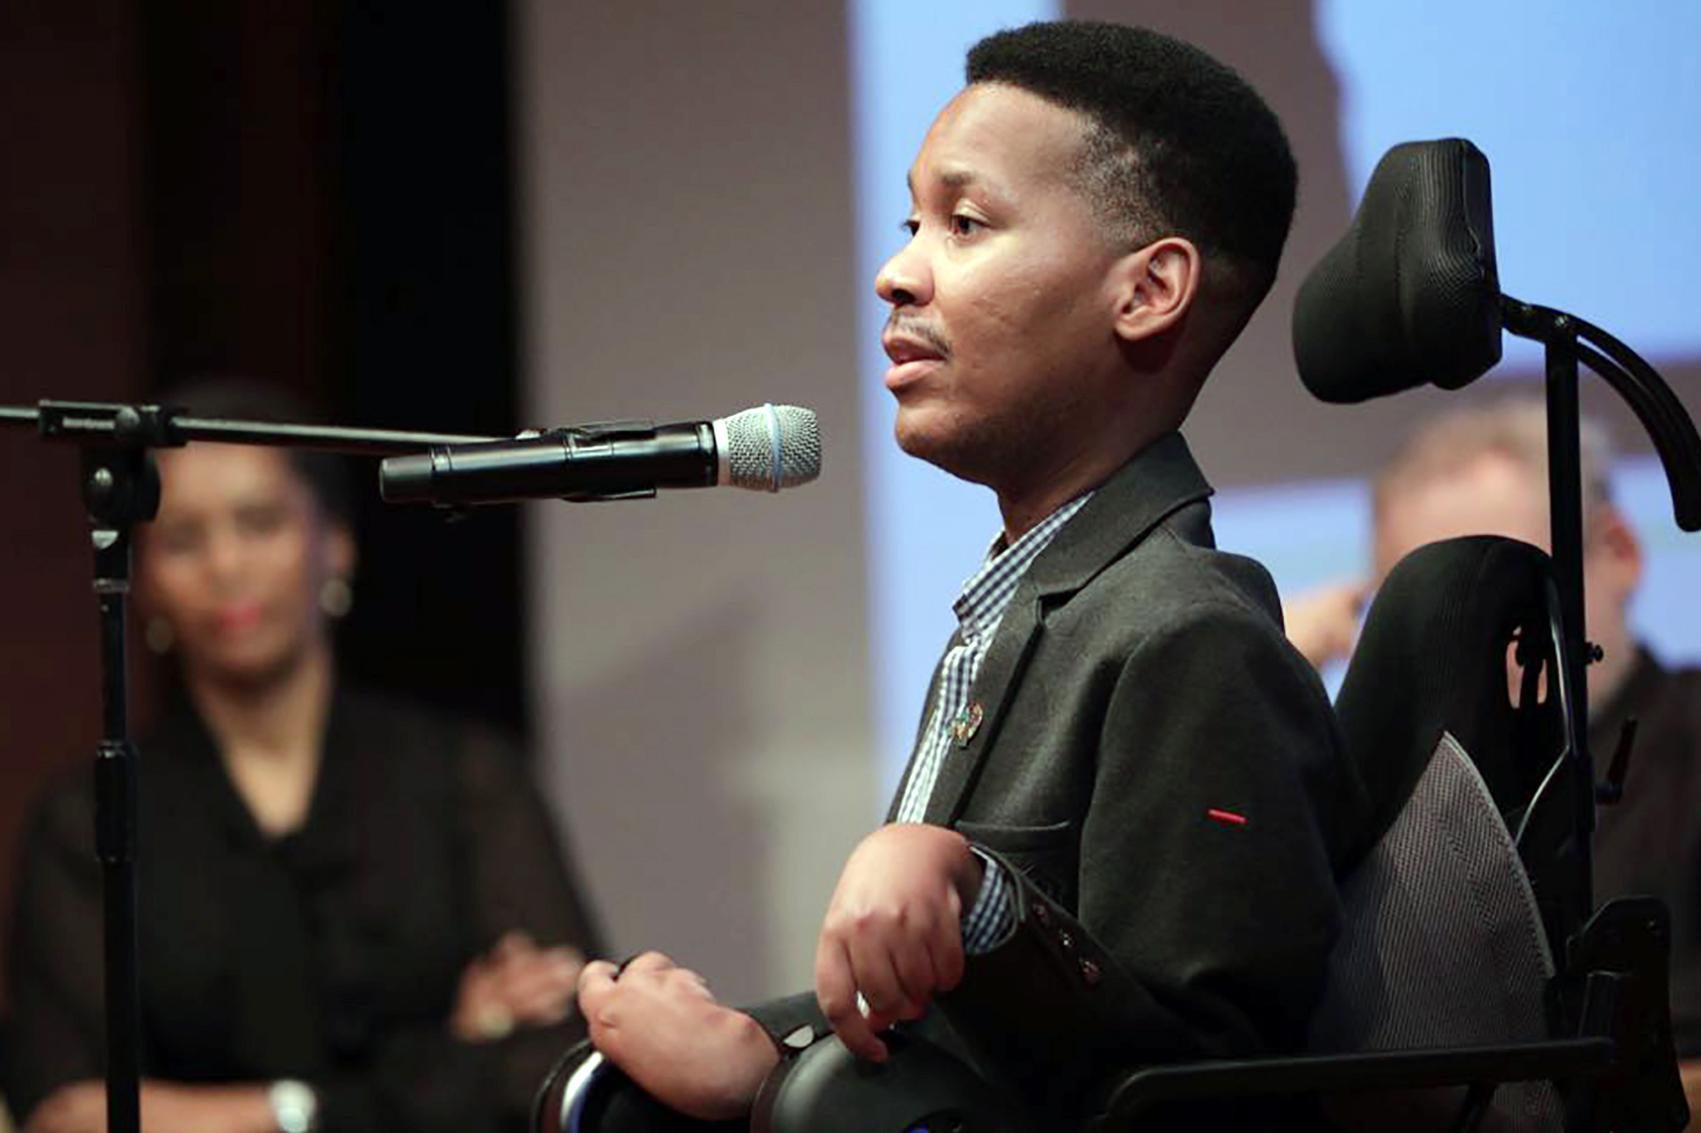 لا حدود لما يمكن للأشخاص ذوي الإعاقة إنجازه